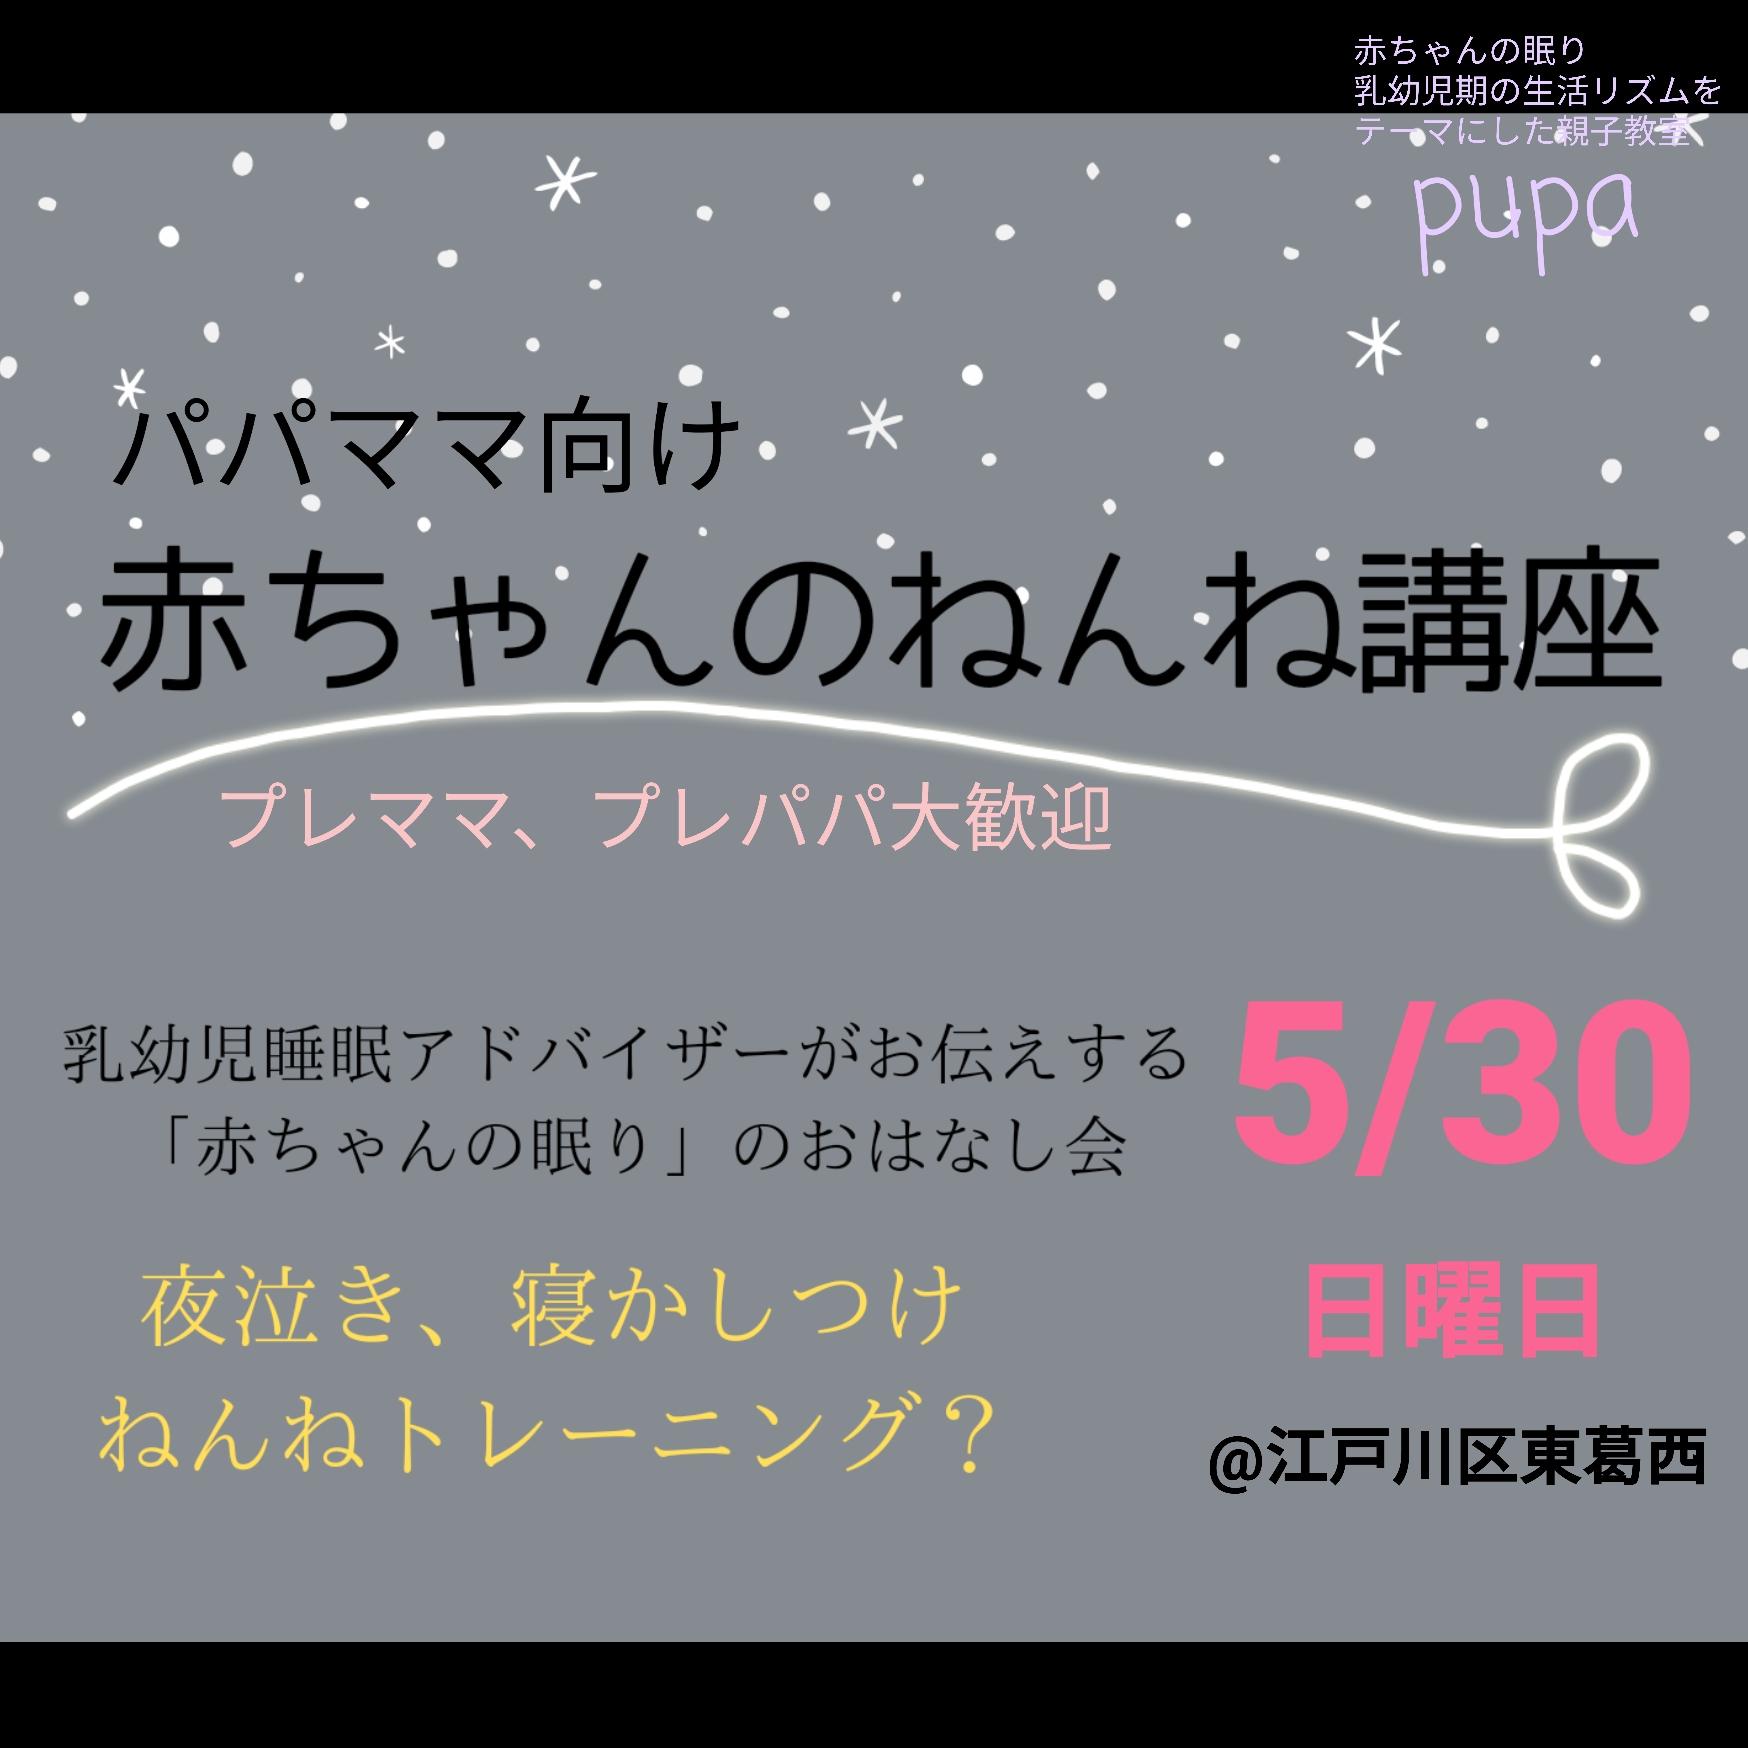 江戸川区東葛西赤ちゃんの眠り講座